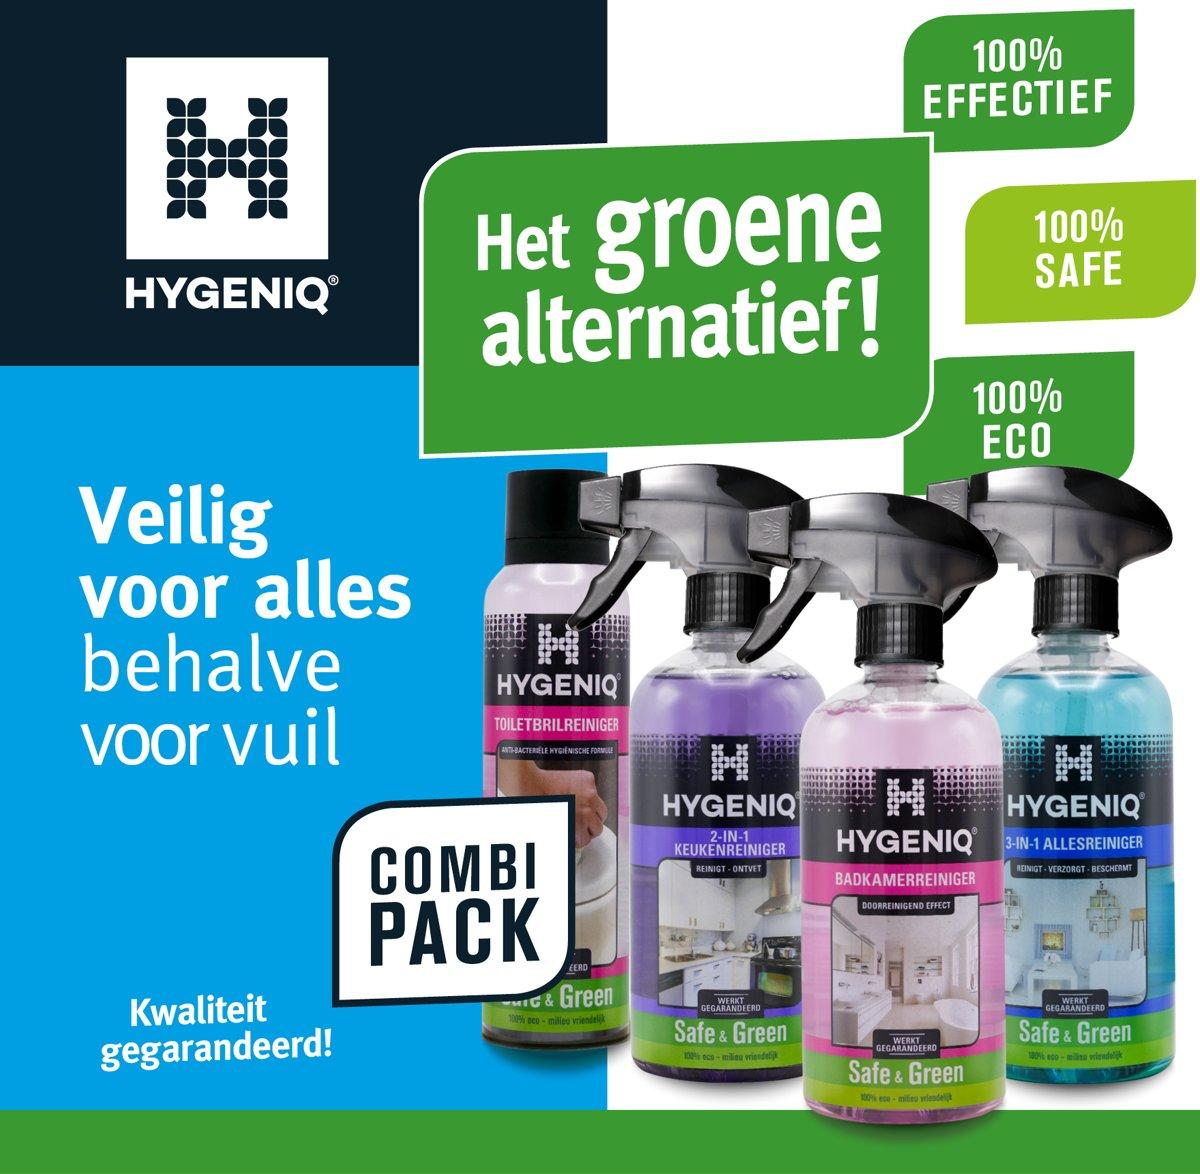 HYGENIQ? Groene algemene huishoud schoonmaakmiddelen - Badkamerreiniger - 3-in-1 allesreiniger - 2-in-1 keukenreiniger - toiletbrilreiniger